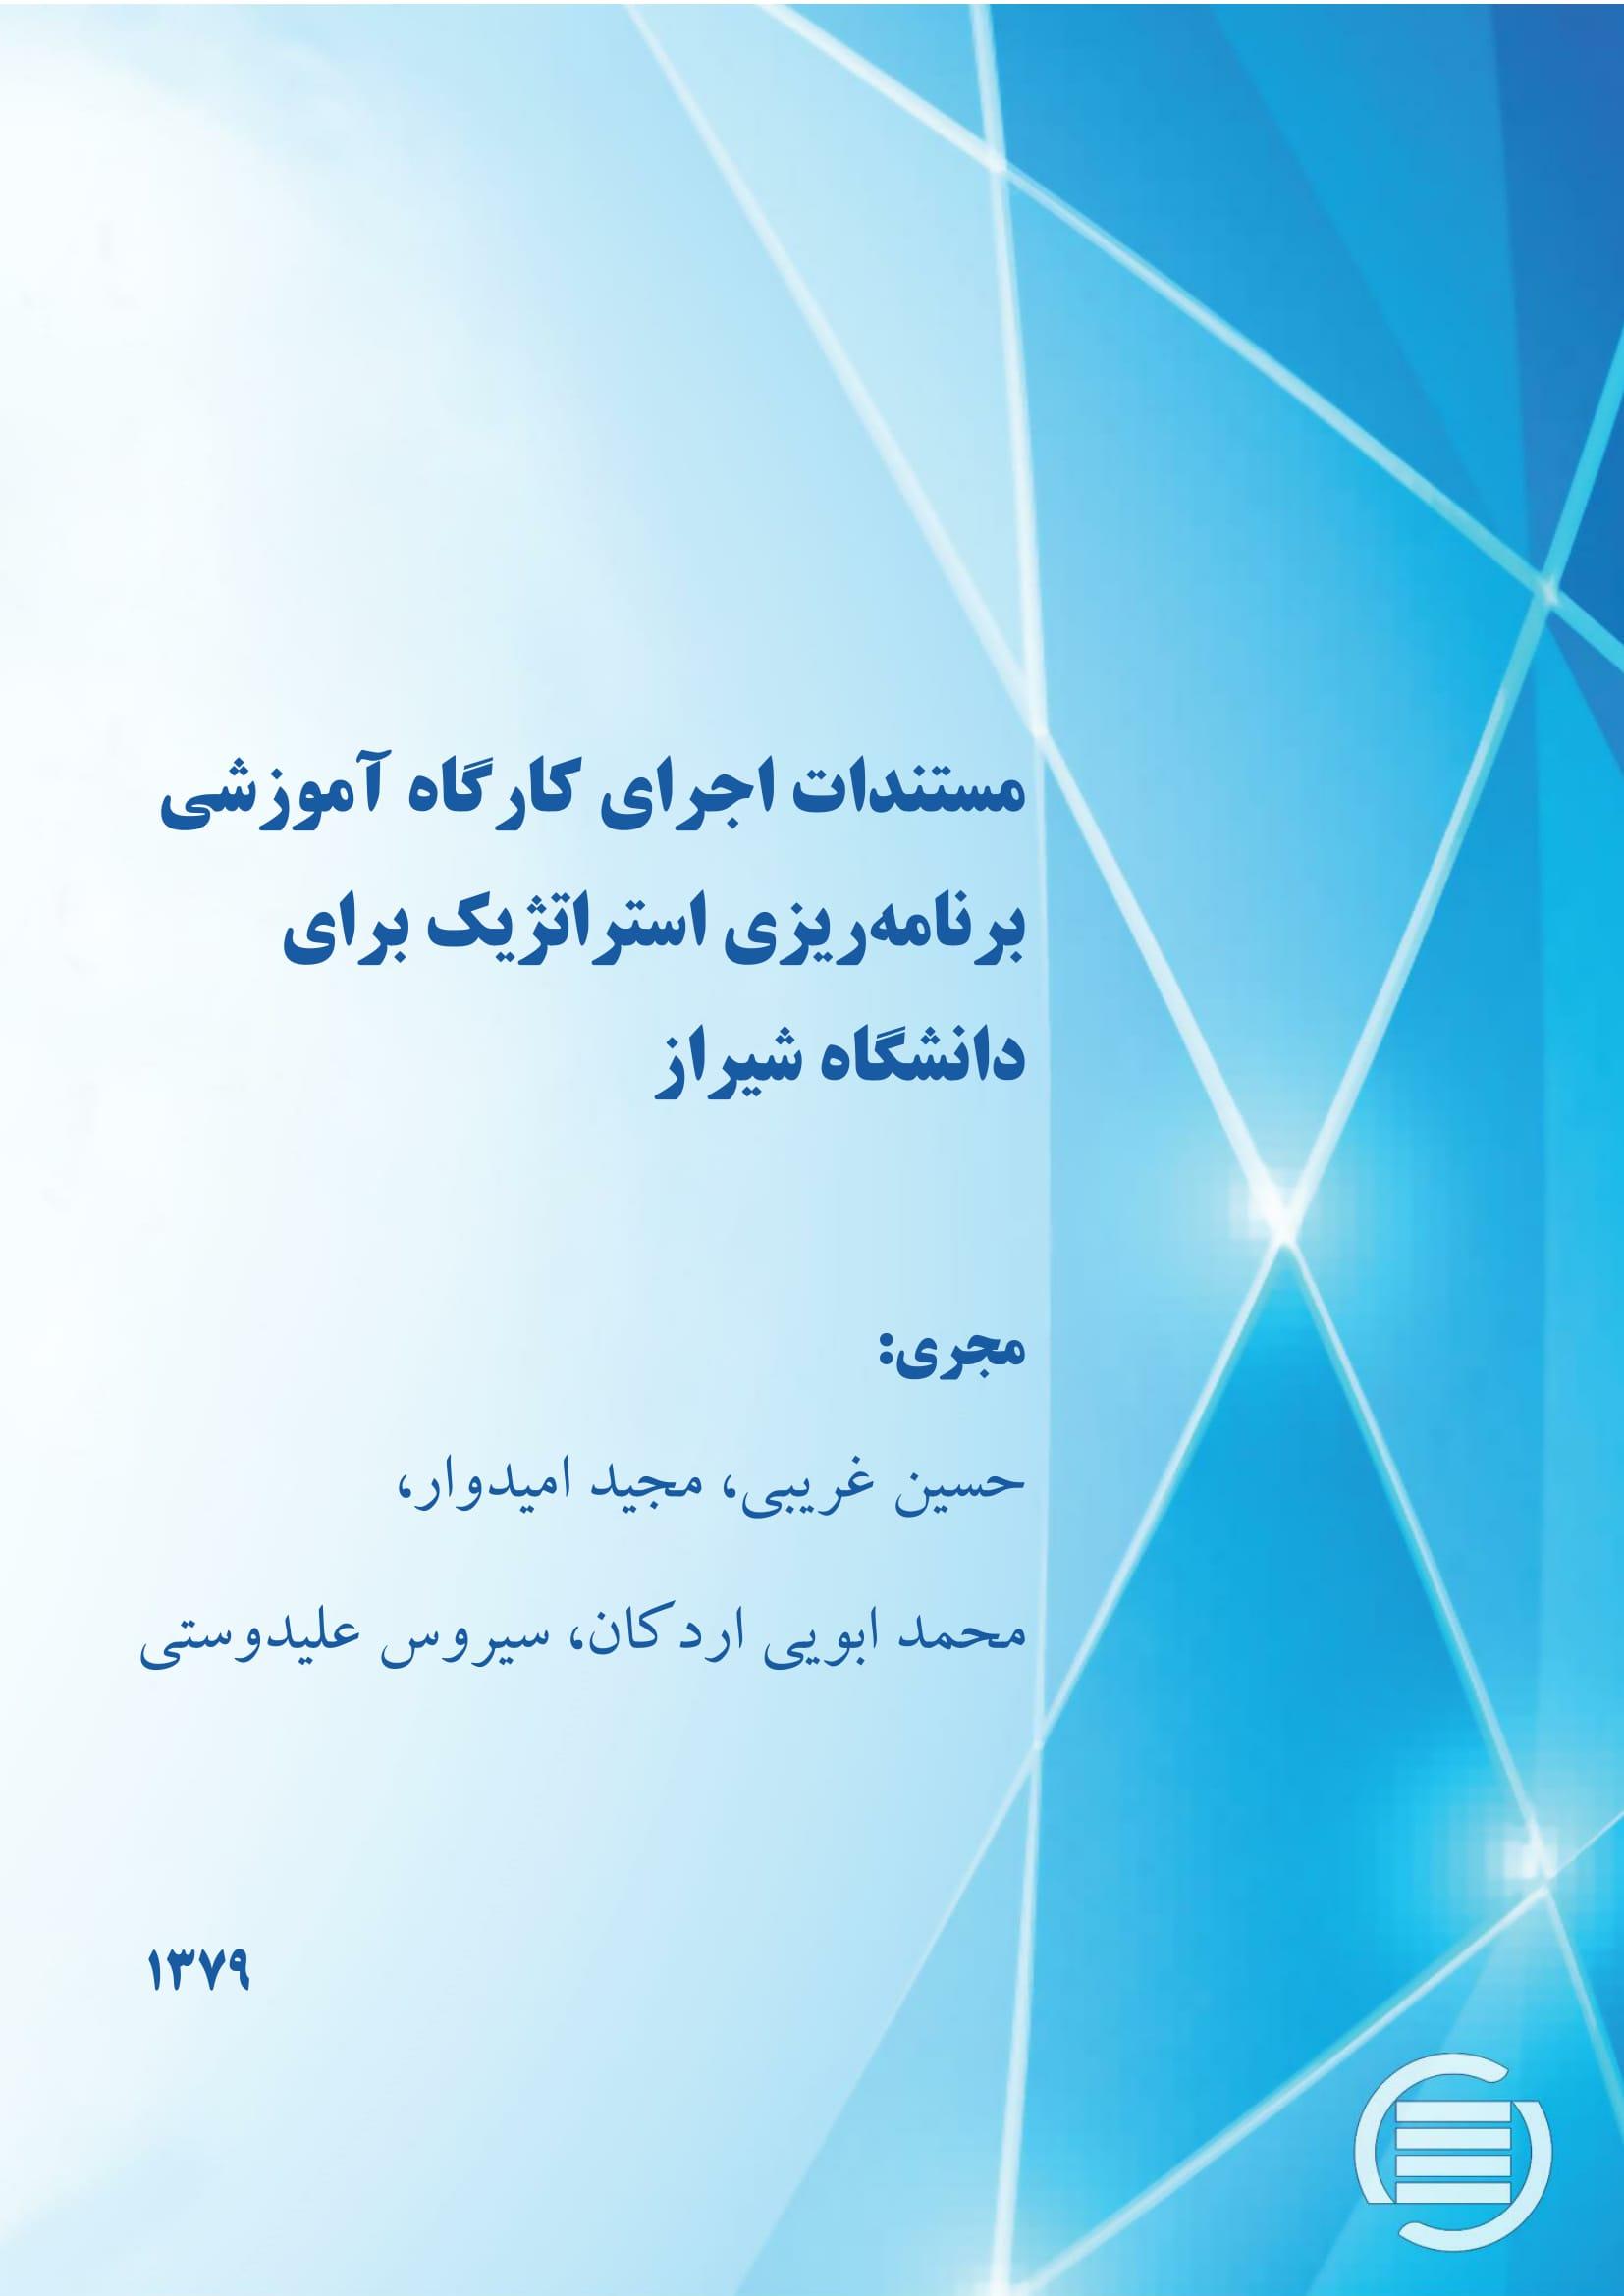 مستندات اجرای کارگاه آموزشی برنامهریزی استراتژیک برای دانشگاه شیراز